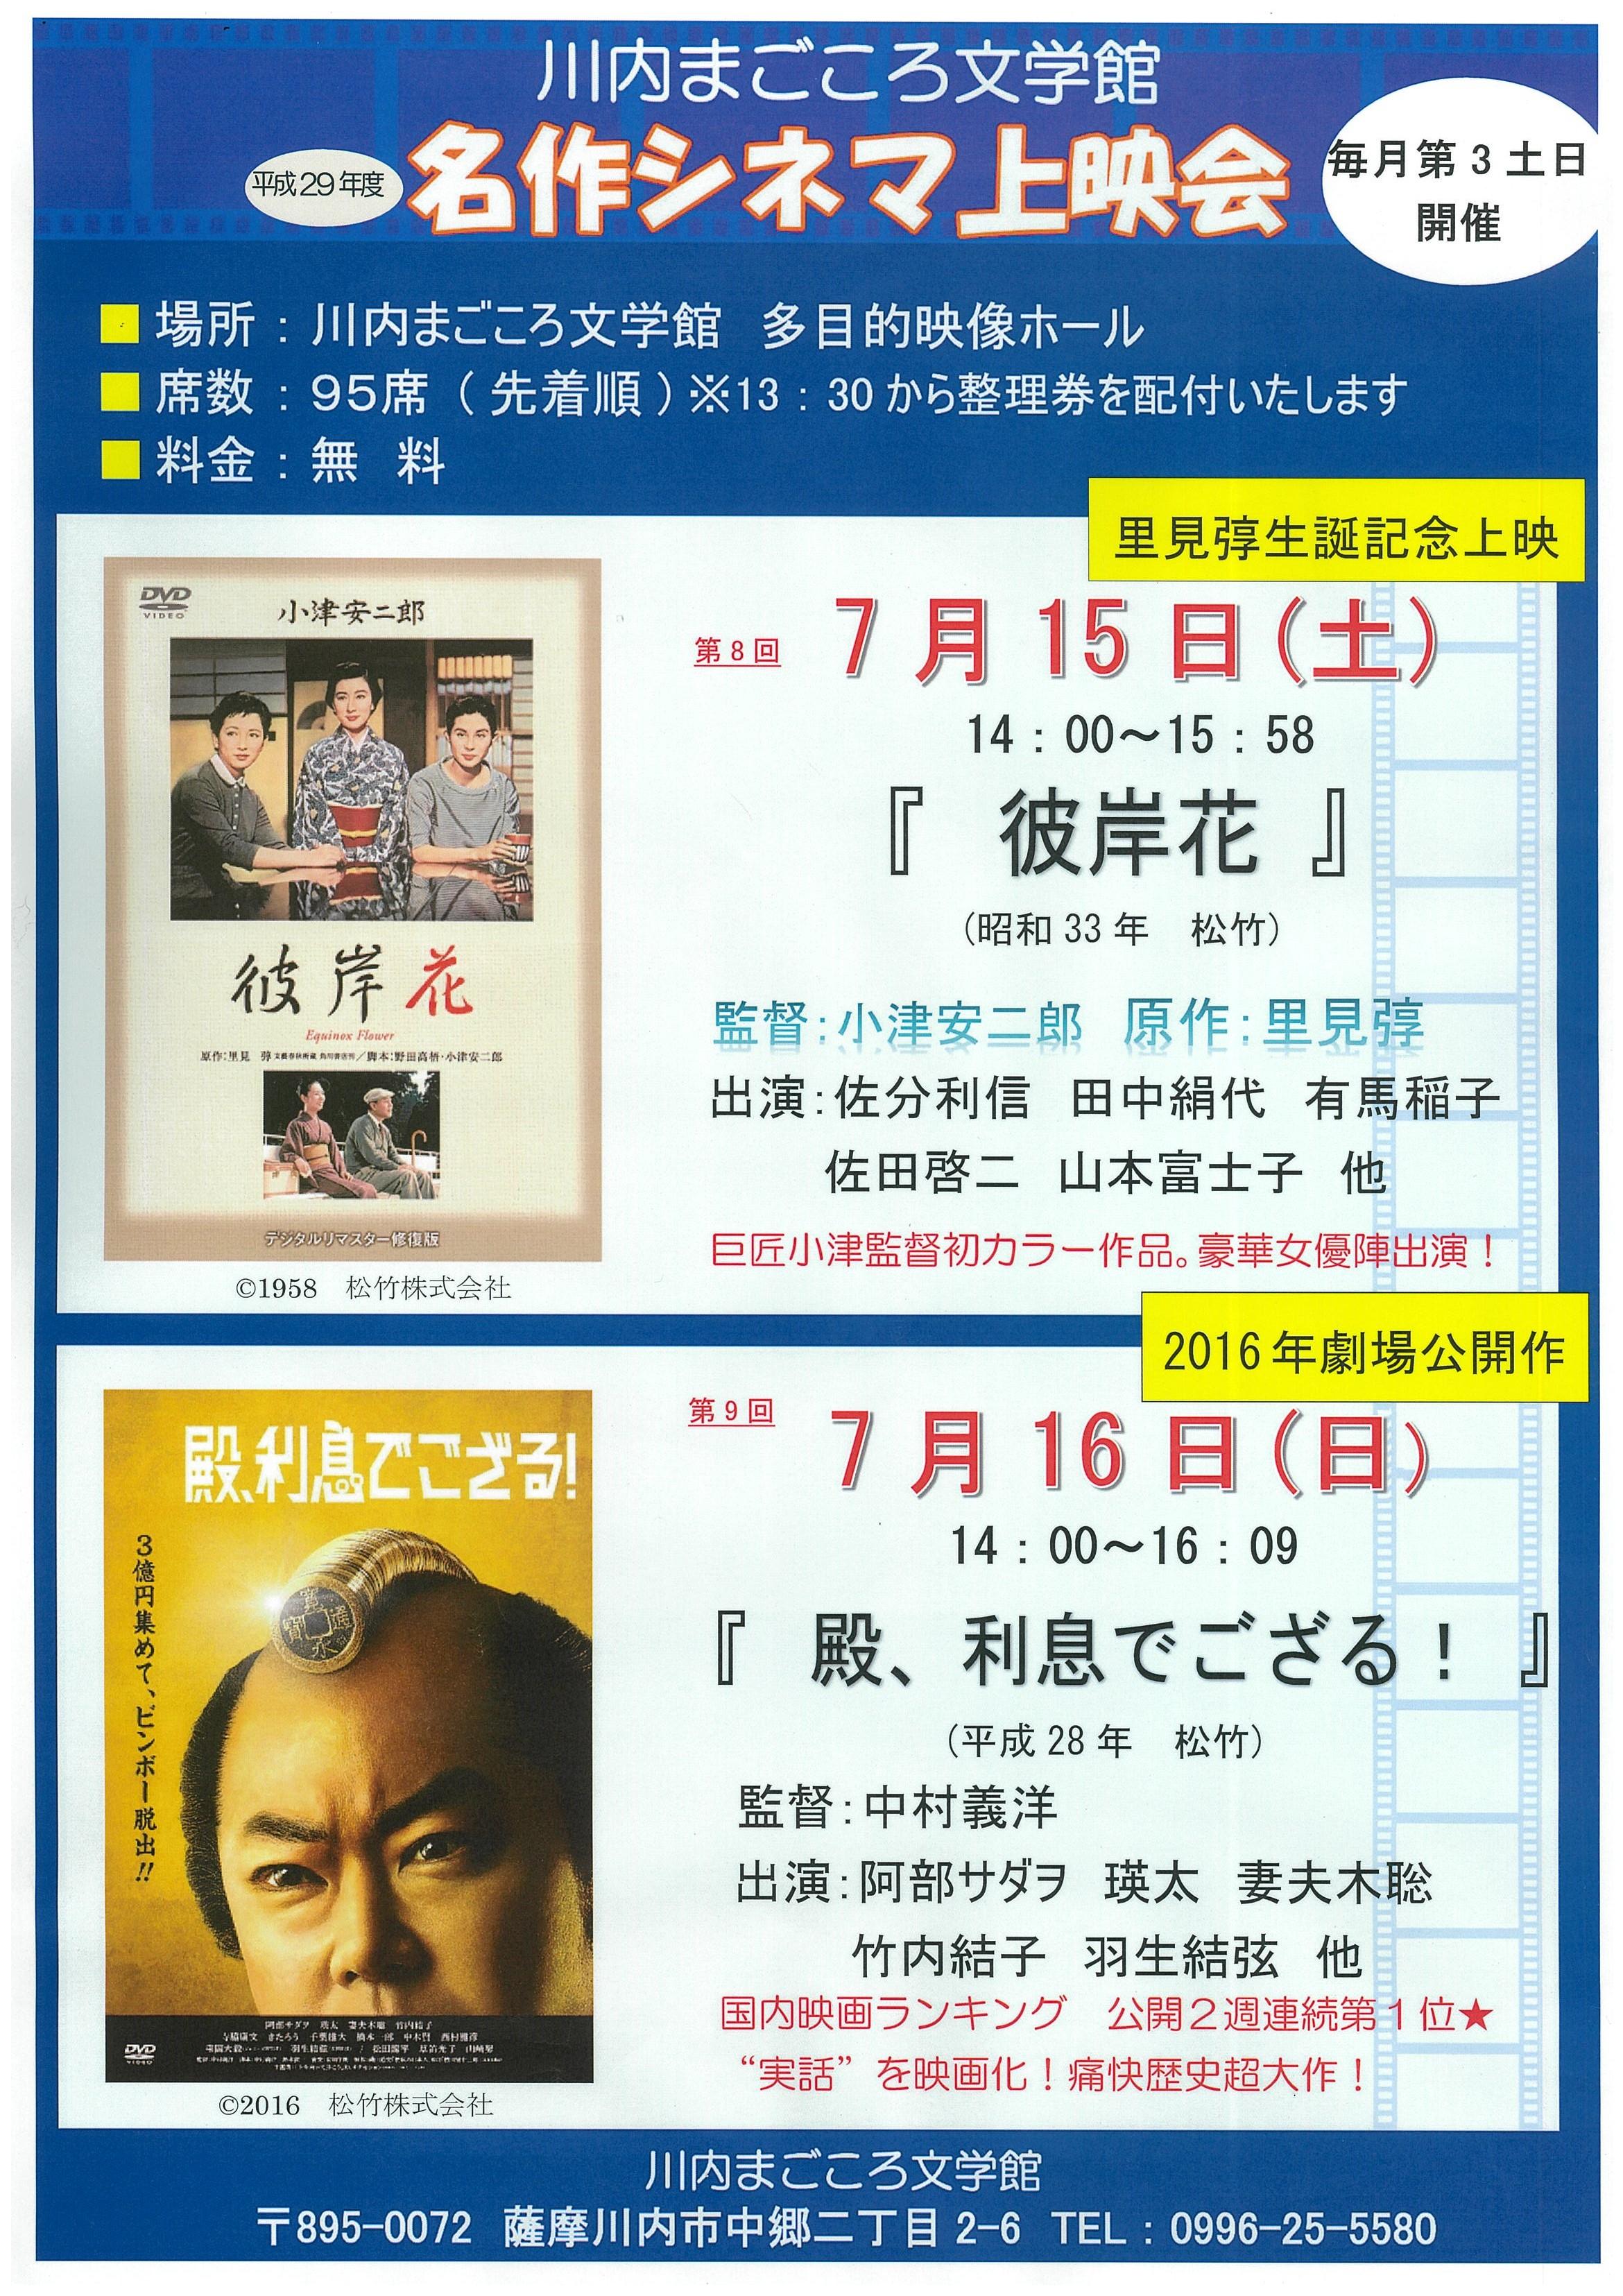 第9回 名作シネマ上映会 『殿 利息でござる!』(平成28年松竹)